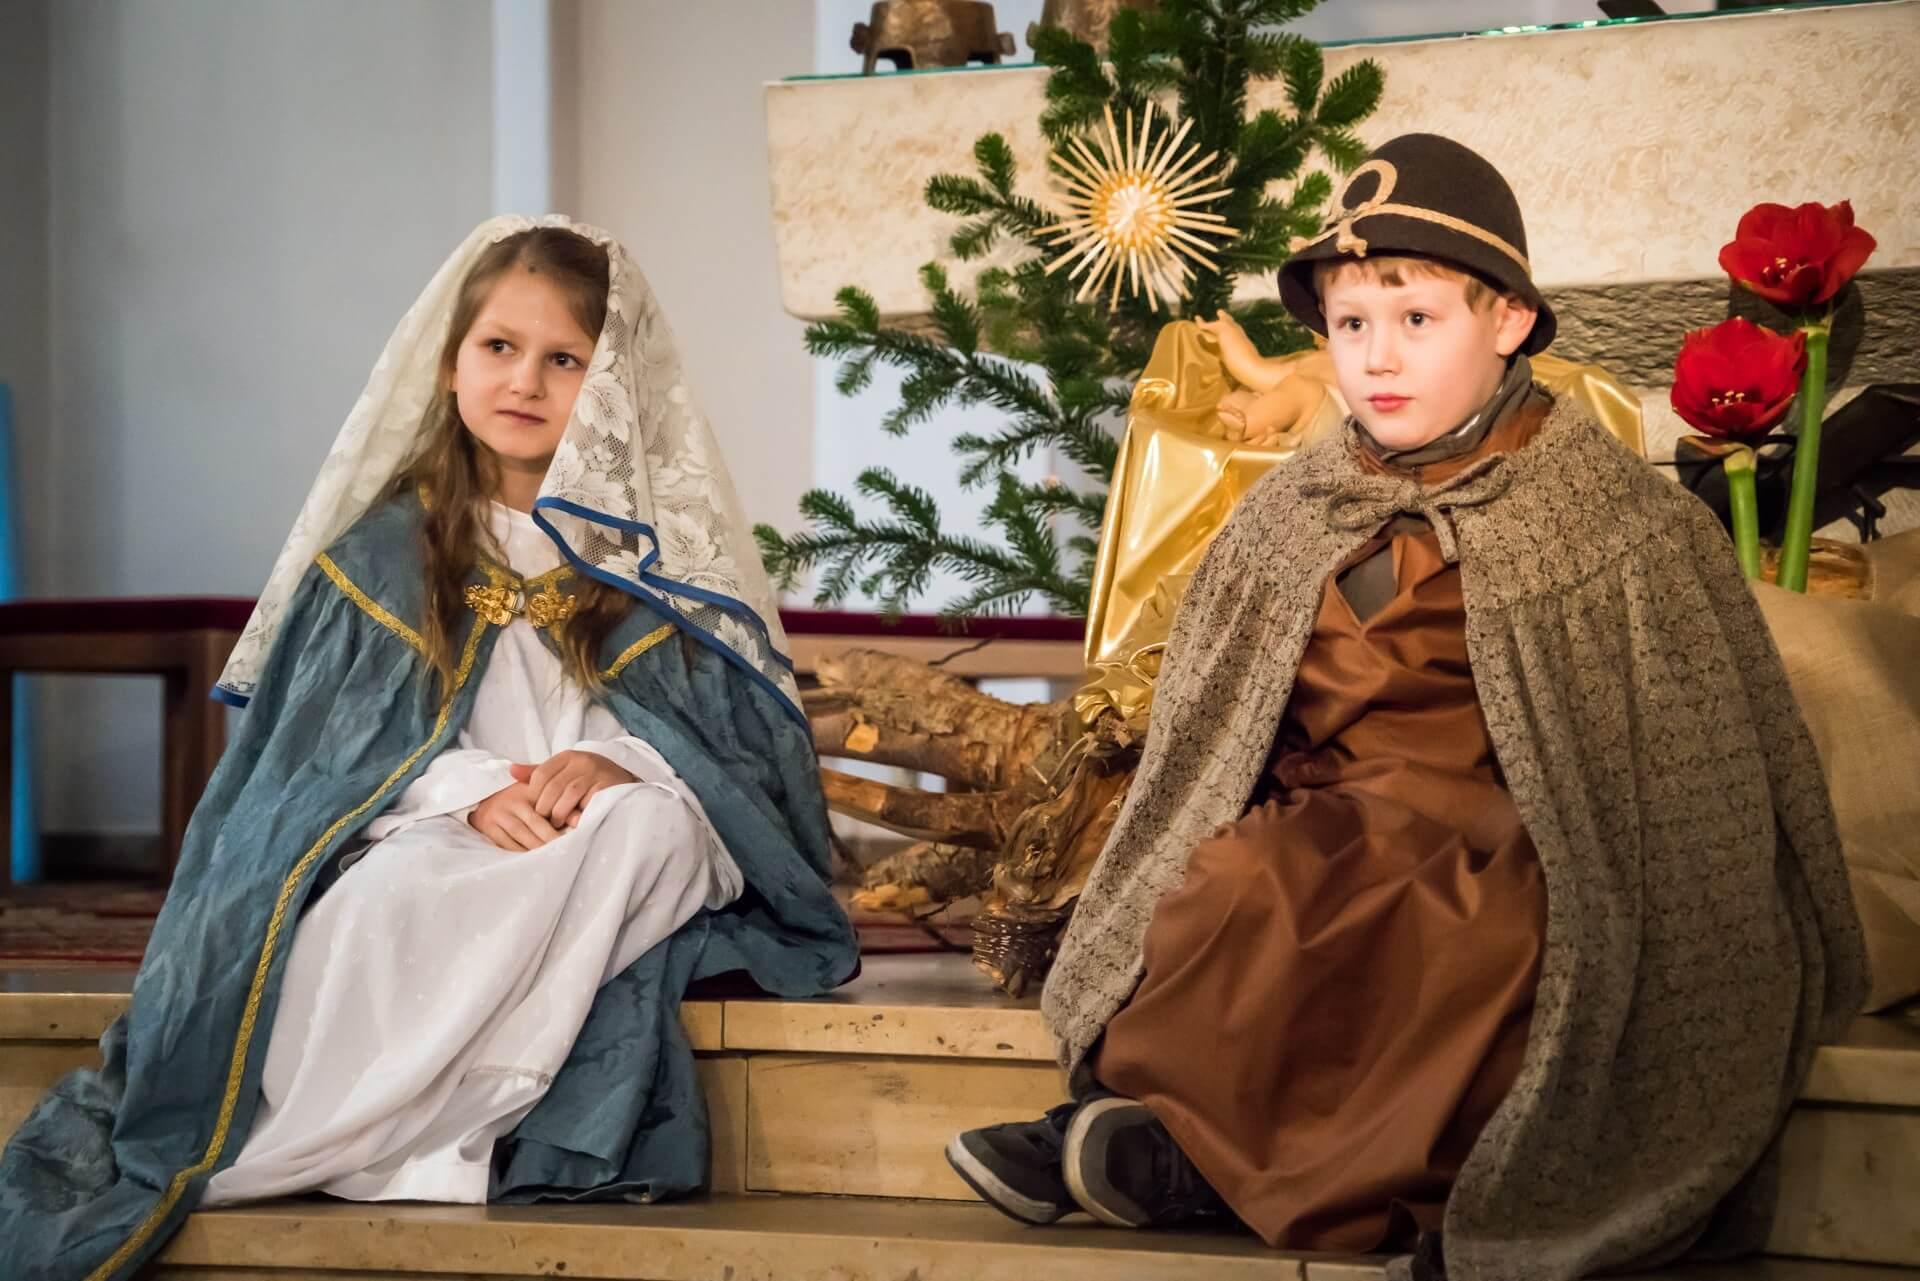 20181224-Kinderchristmette SF 2018 18_12_24_Weihnacht18_035